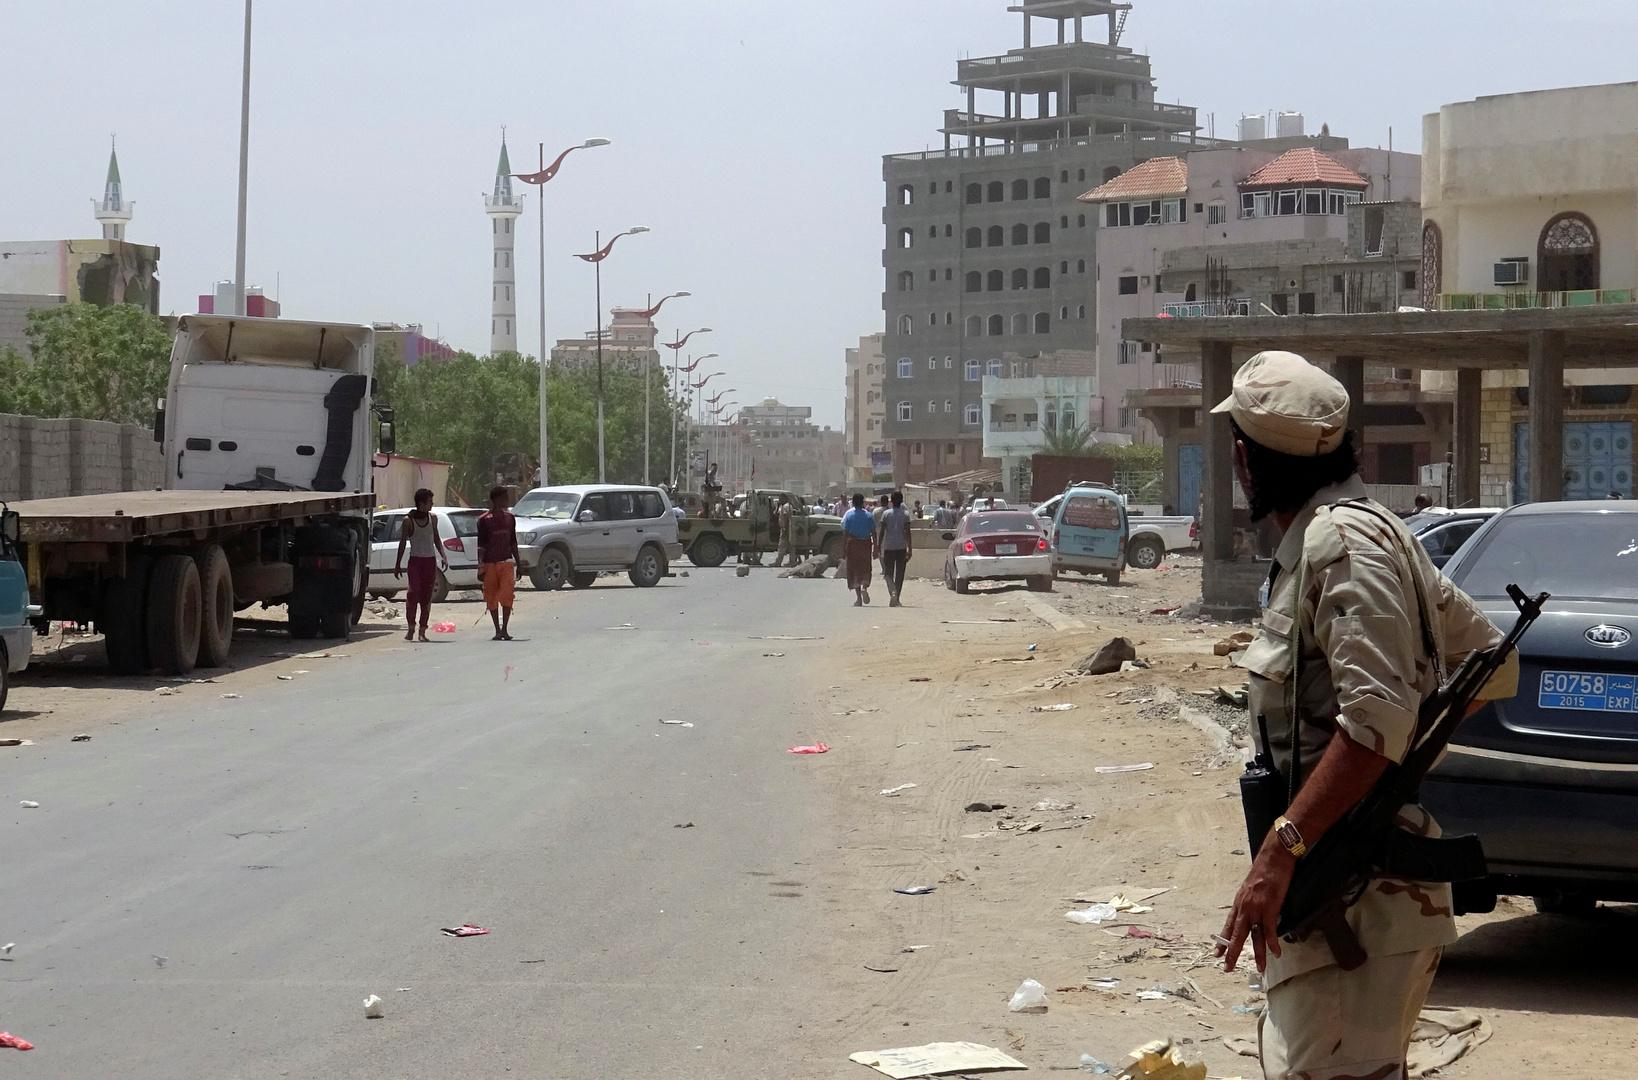 اليمن.. قوات الحزام الأمني تعلن القبض على المتورطين في تفجير زنجبار